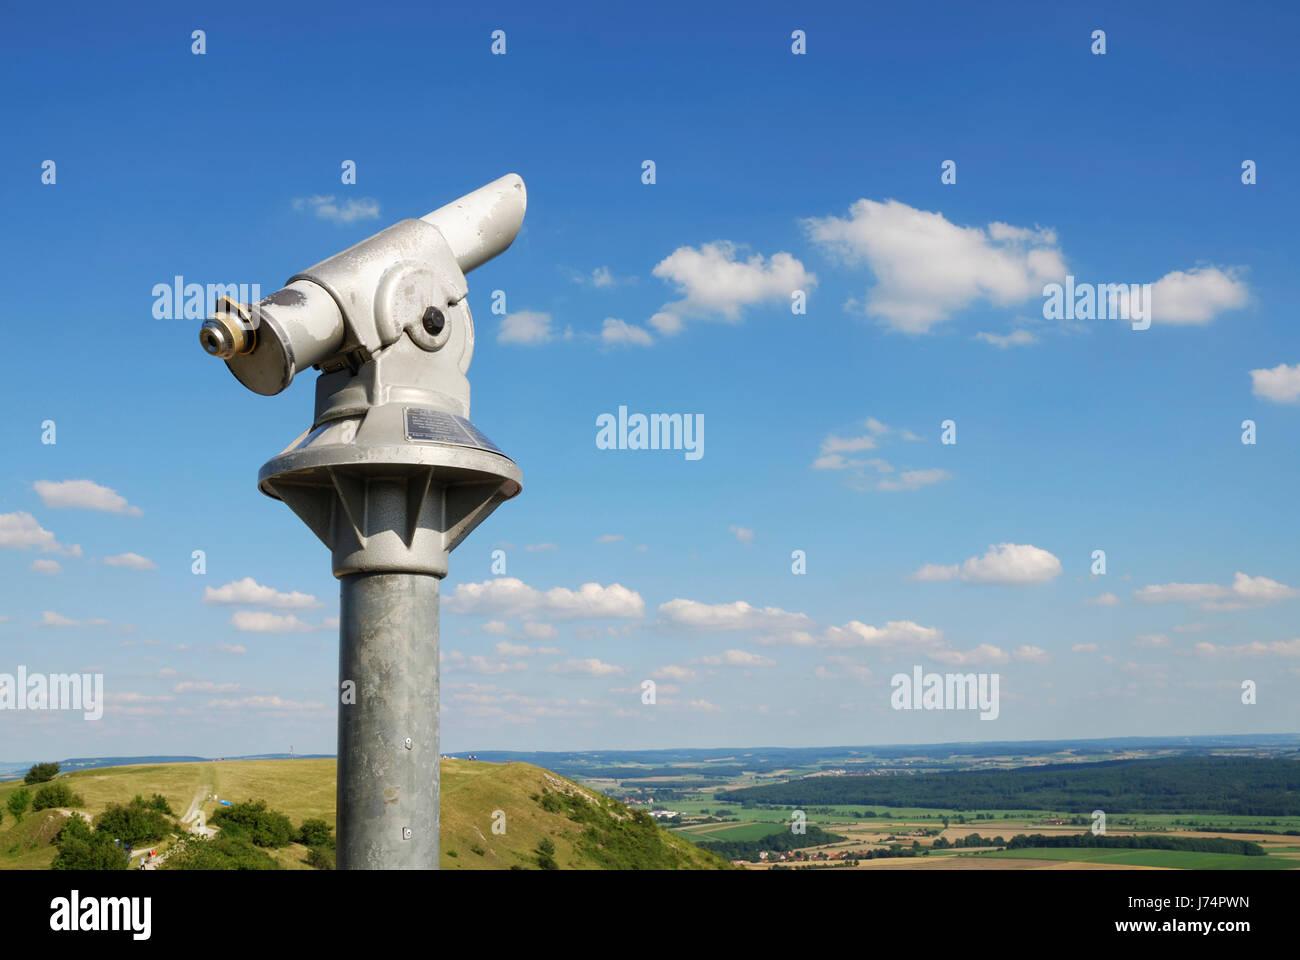 Beobachtung linse teleskop monokular blauer hügel beobachtung